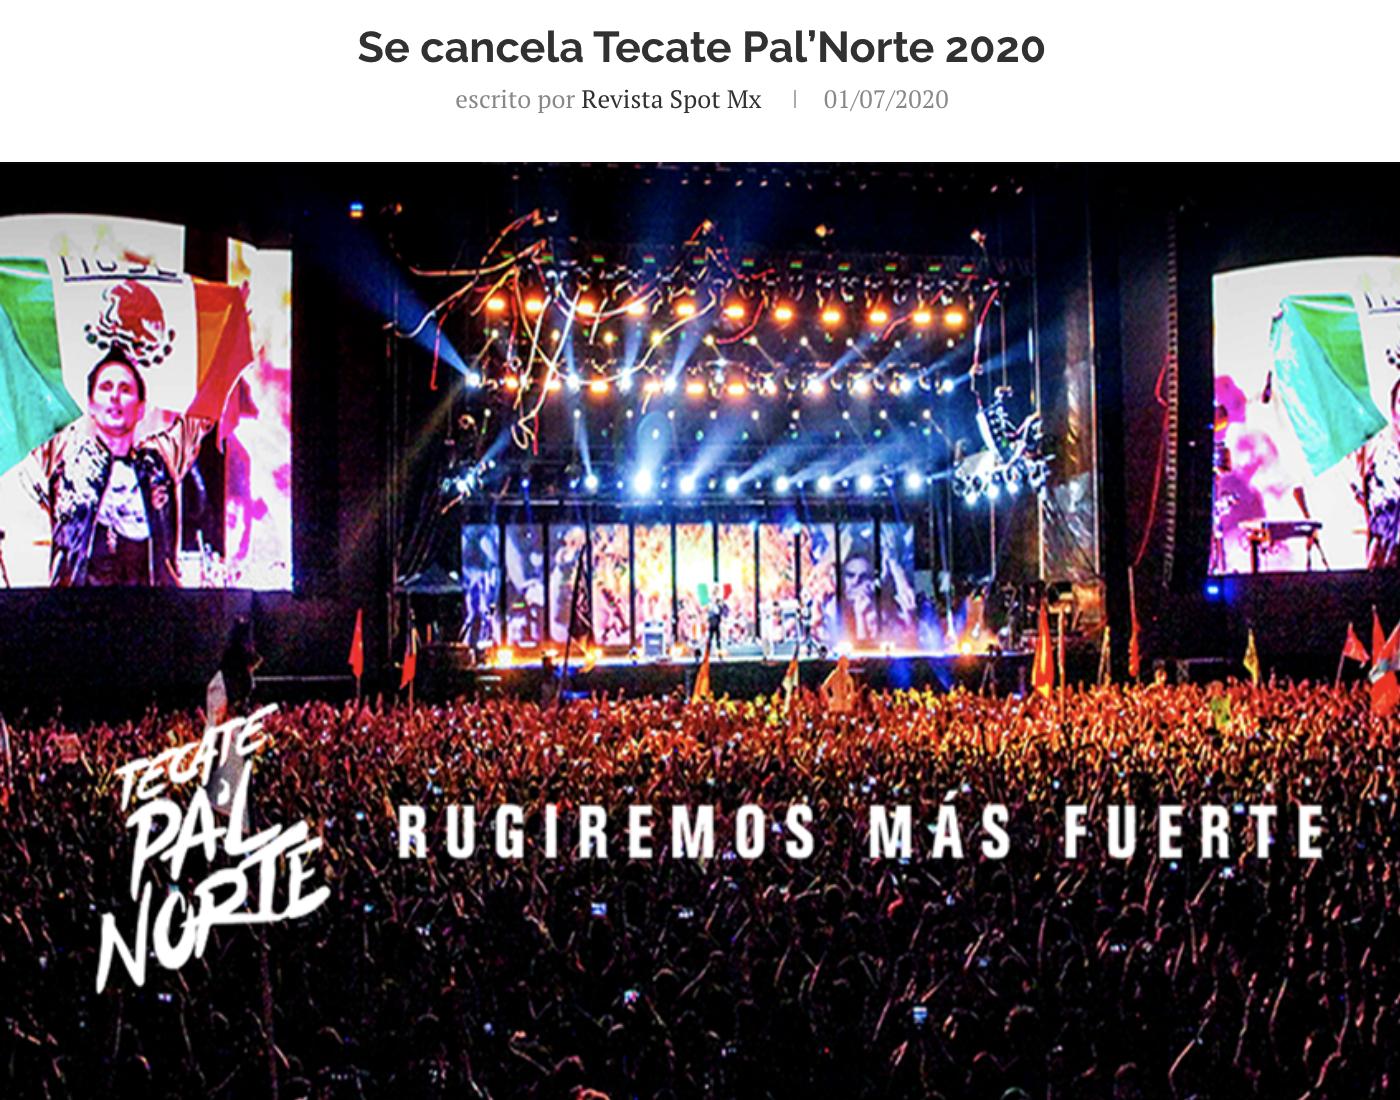 #Festivales 😢| El festival Tecate Pal'Norte ha anunciado la cancelación de la edición 2020.   #RevistaSpotMx #TecatePalNorte #Festivales #Monterrey #musicfestival